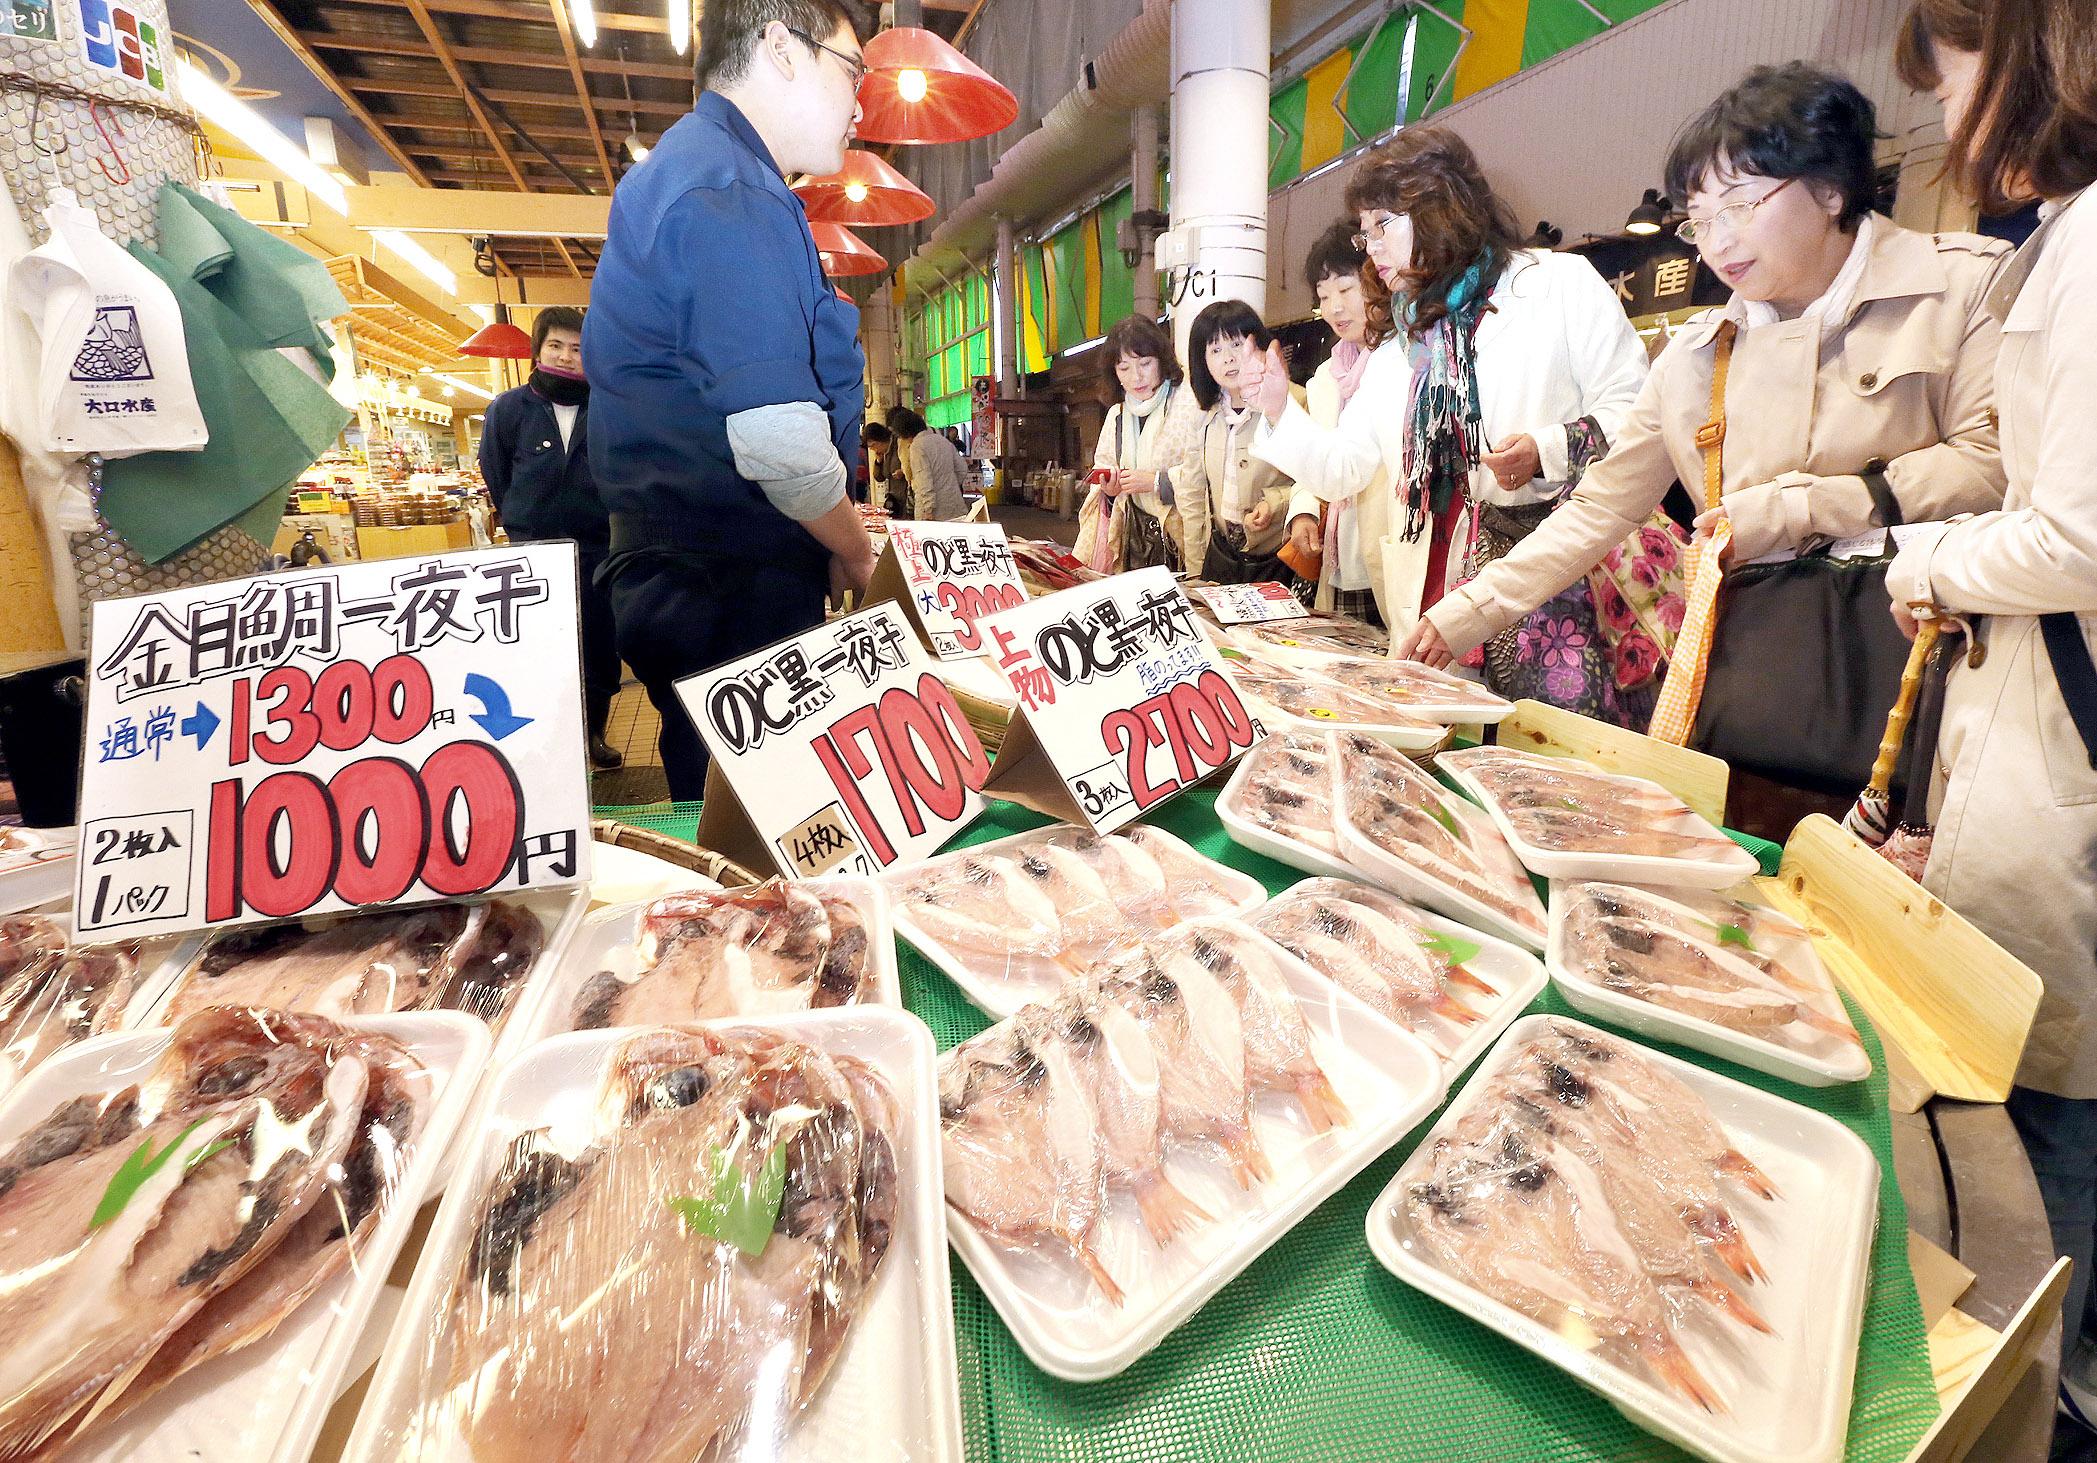 陸新幹線開業後、鮮魚店で土産物として人気を集めている干物=金沢市の近江町市場